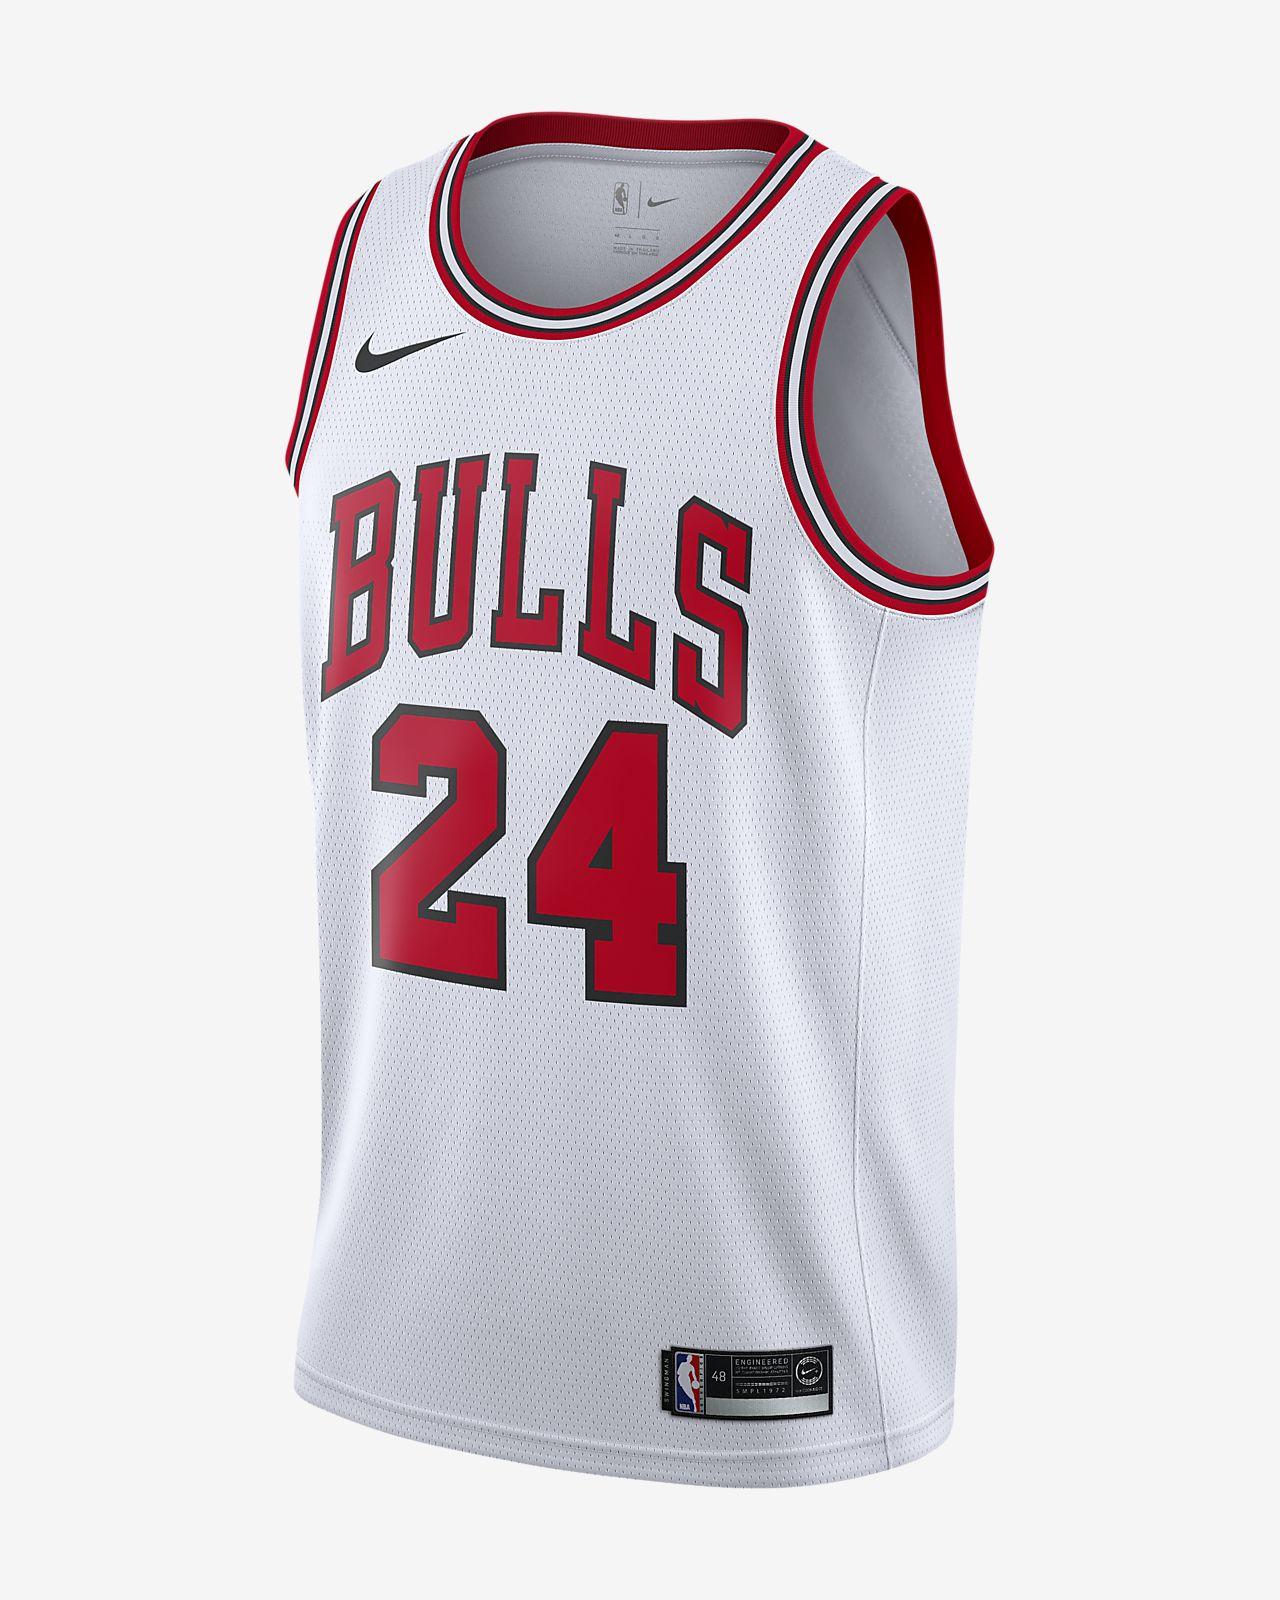 d0a2e0a05d586 ... Lauri Markkanen Association Edition Swingman (Chicago Bulls) Camiseta Nike  NBA Connected - Hombre